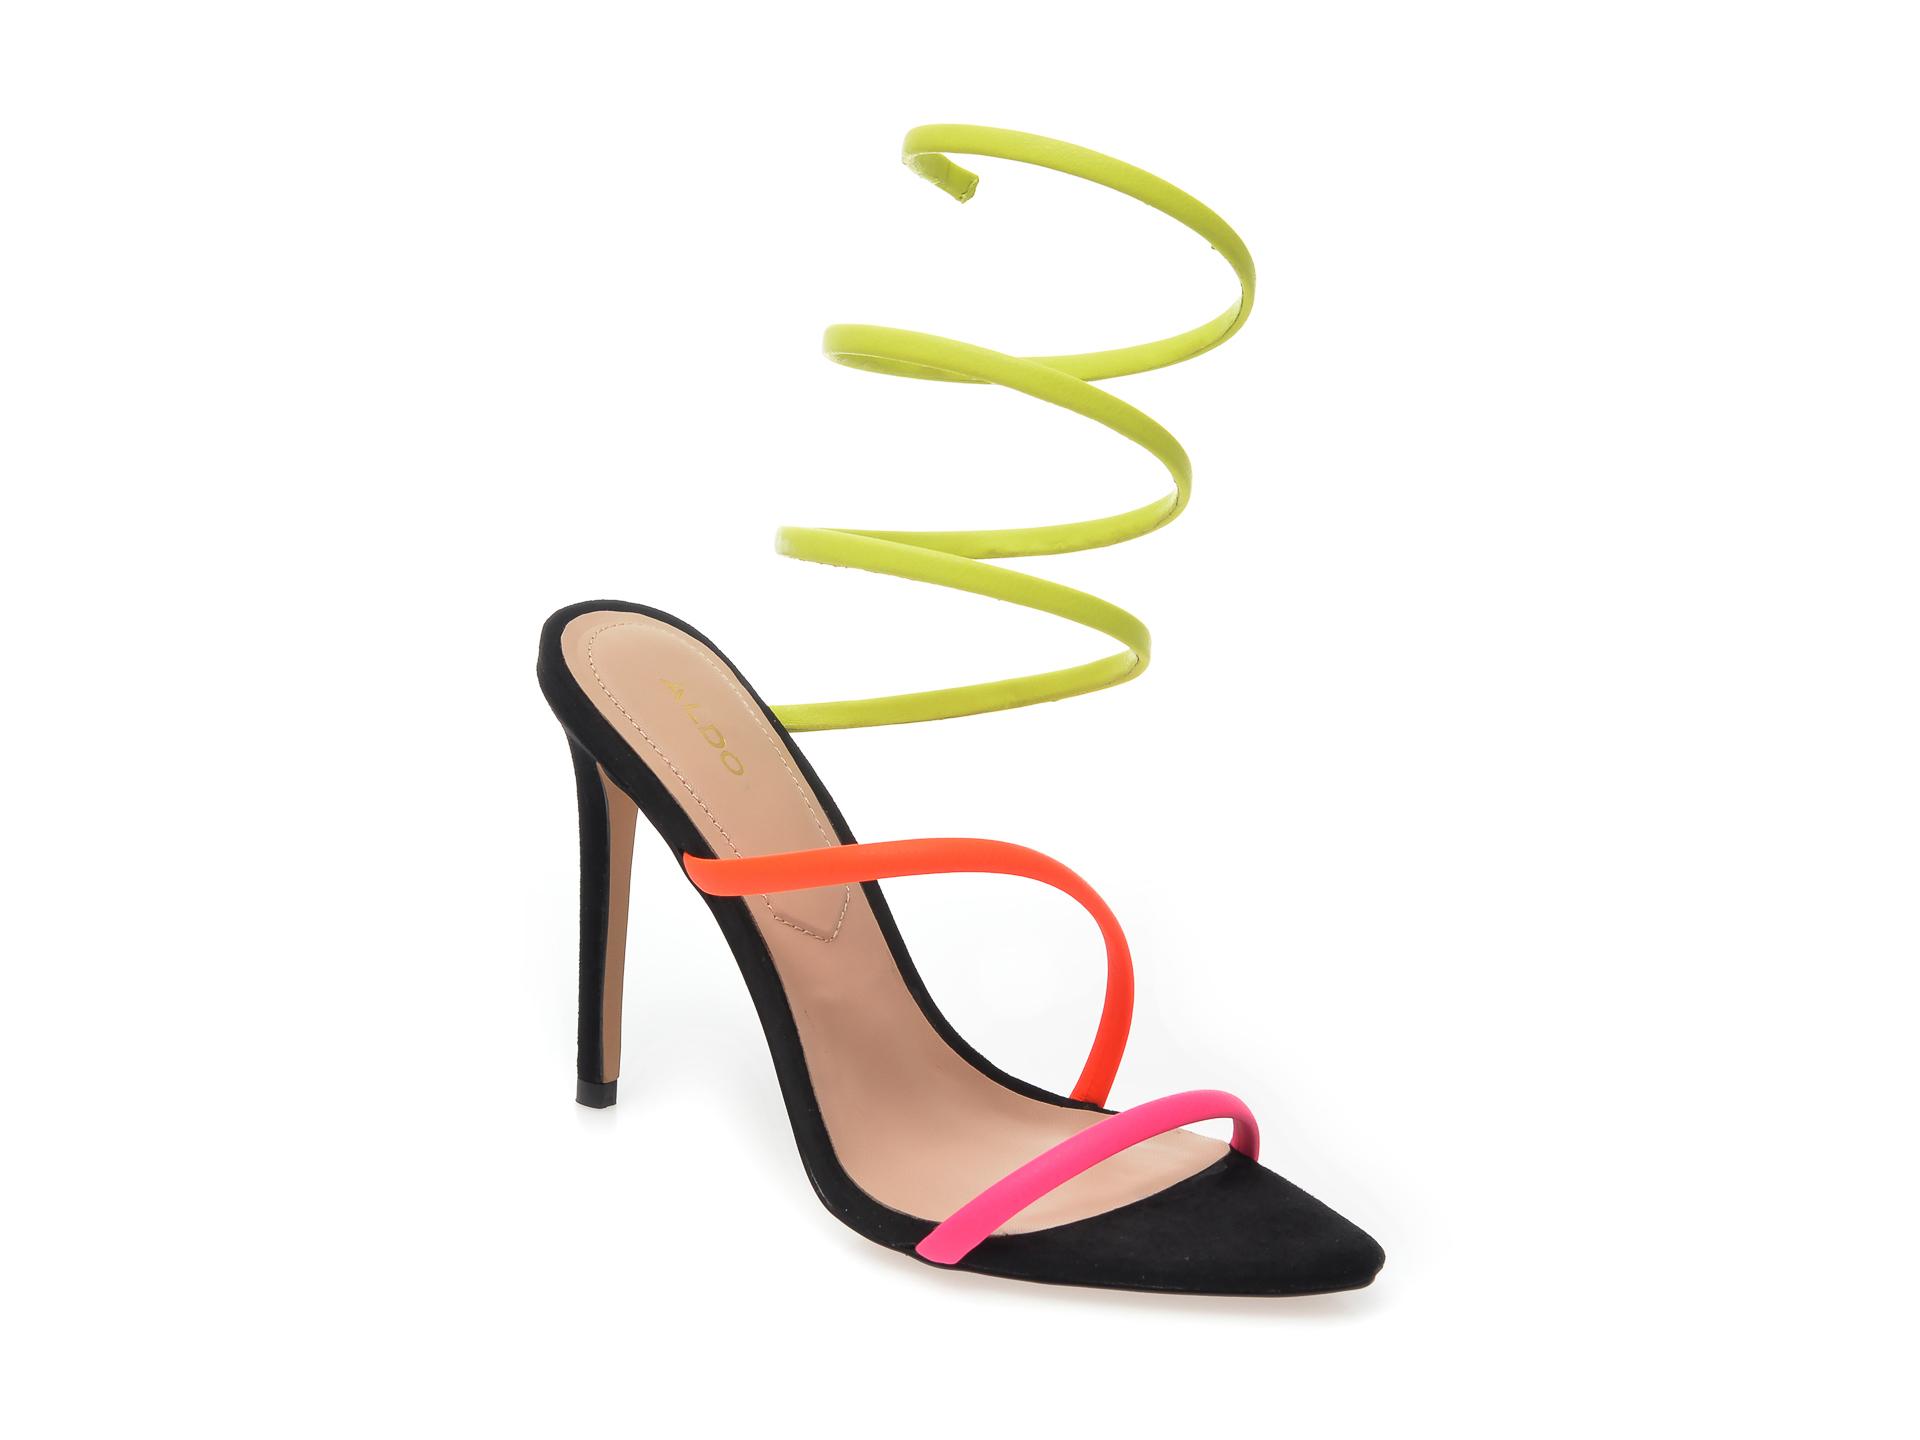 Sandale ALDO multicolor, Zingy960, din piele ecologica imagine otter.ro 2021